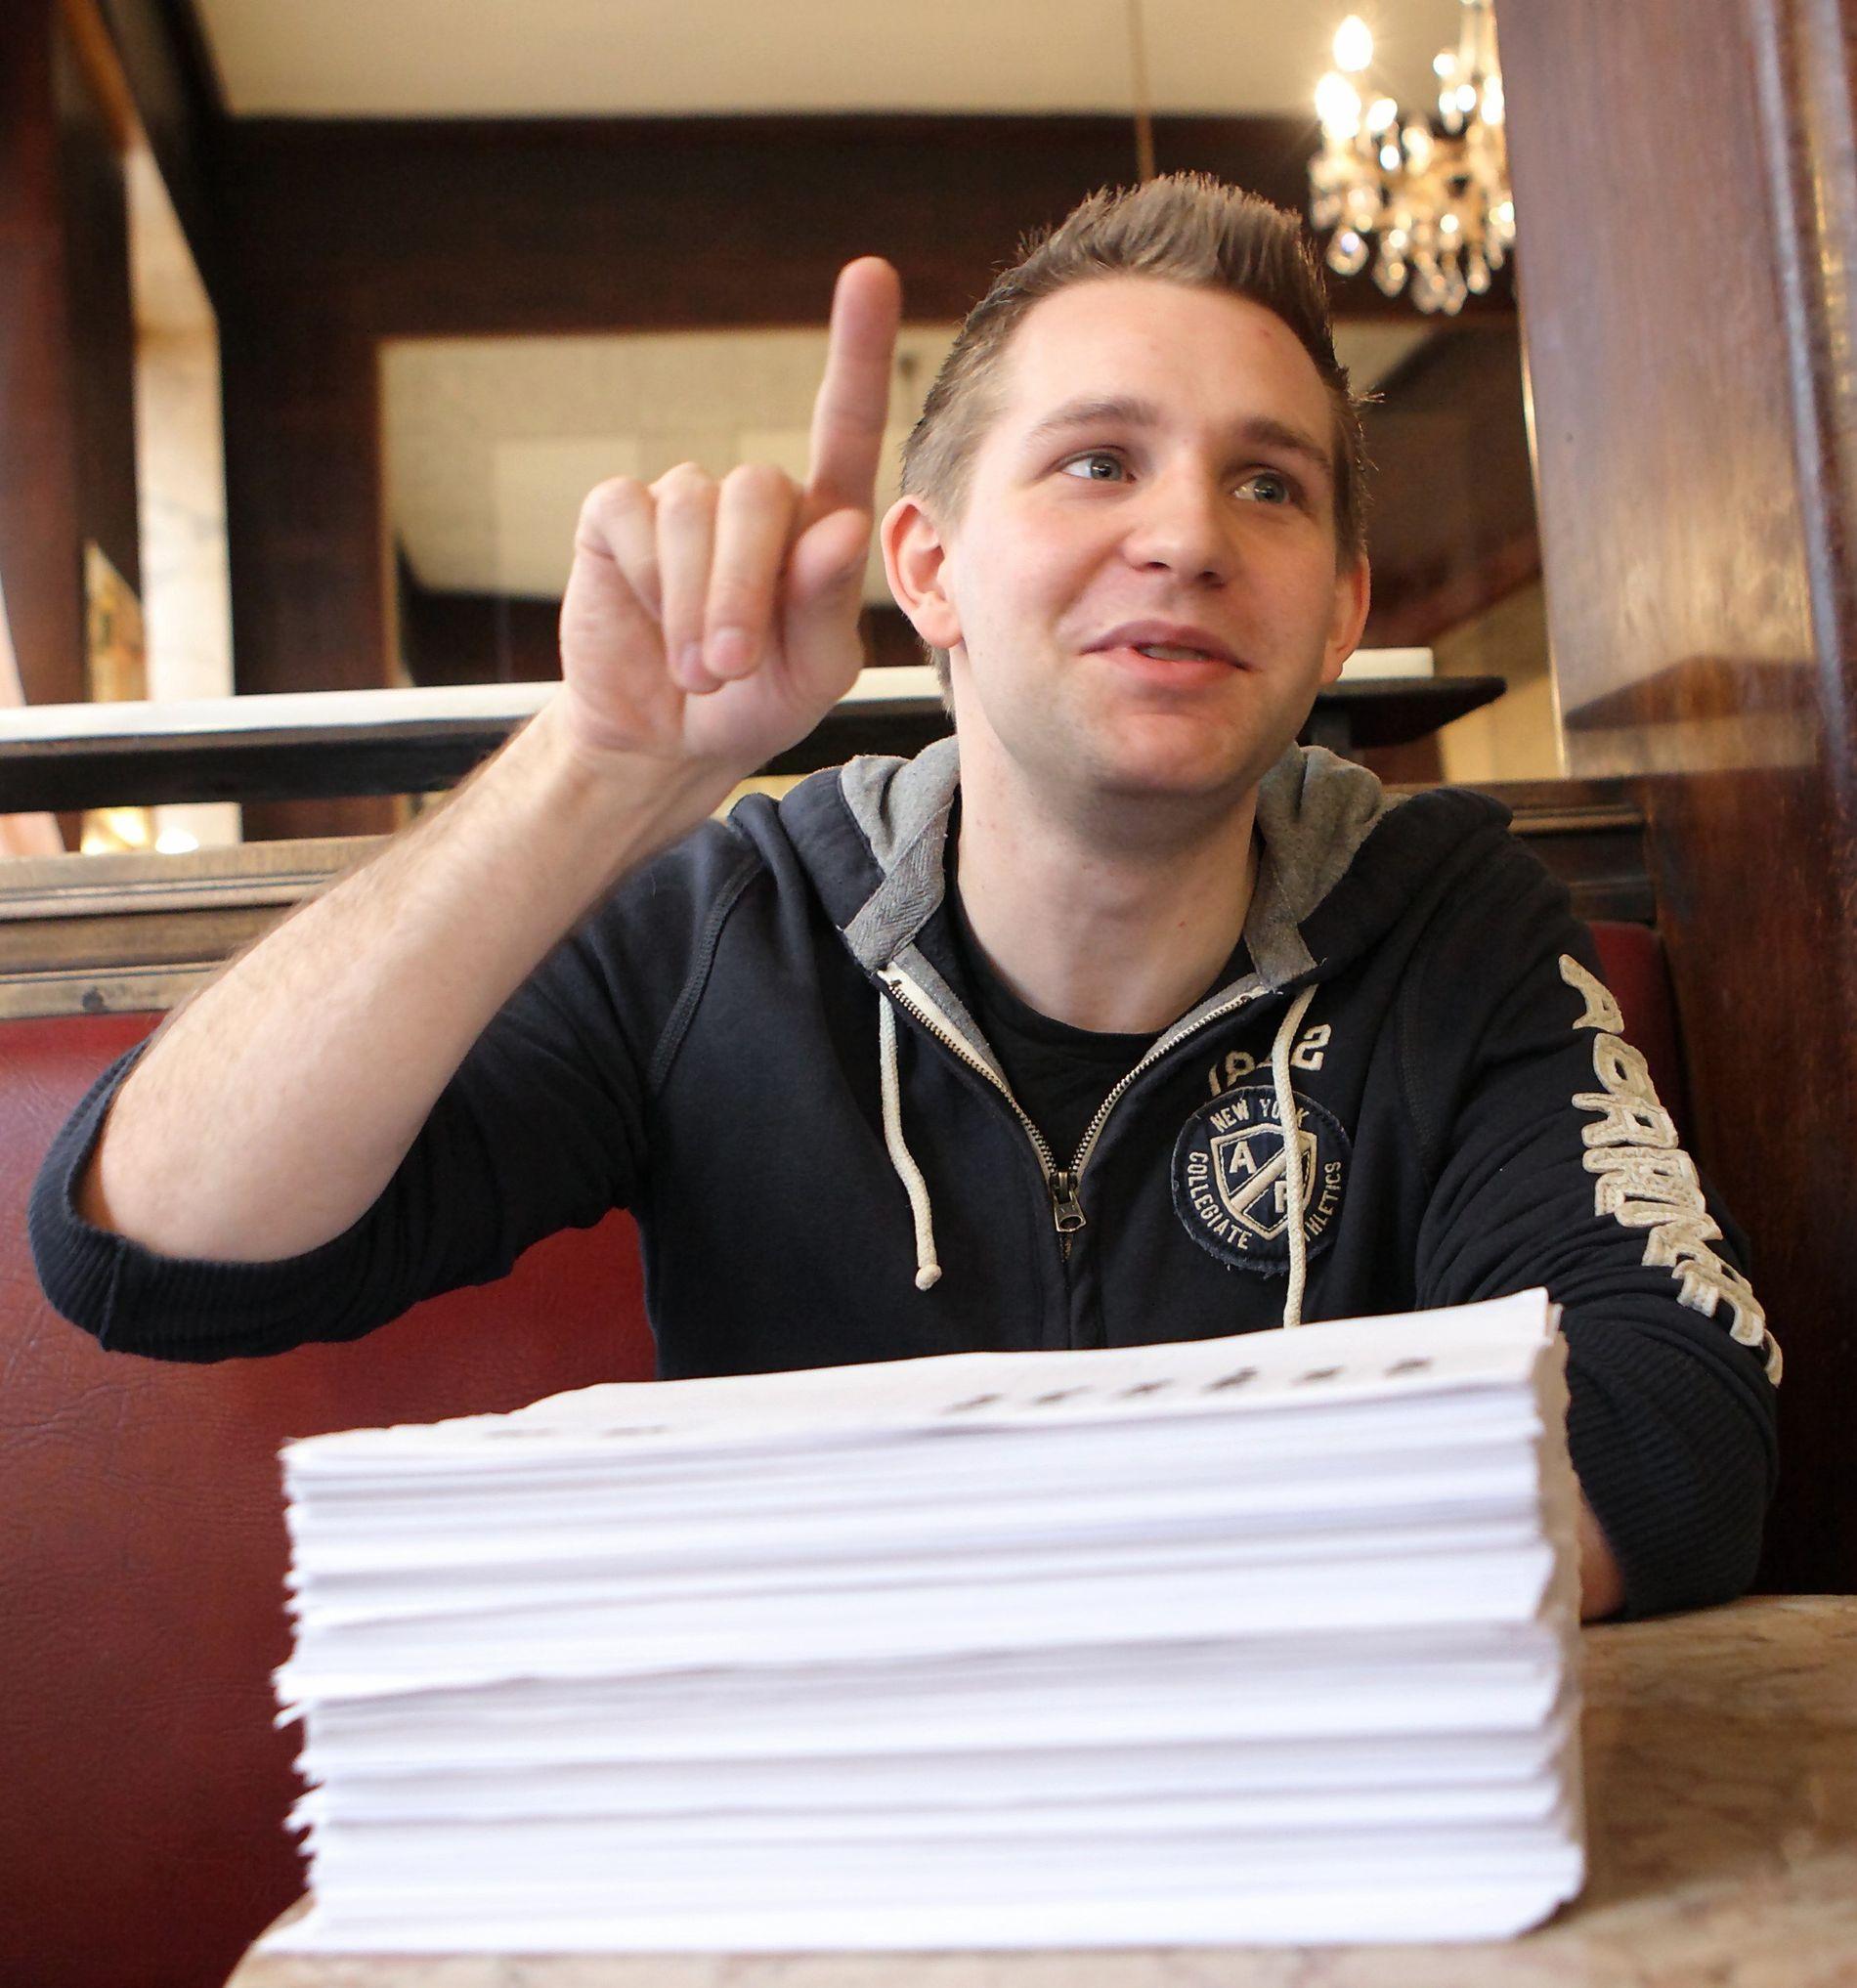 SJOKK: Max Schrems i 2011, med bunken han fikk da han ba om sine personlige data fra Facebook. Det ble starten på en mangeårig kamp, som nå skal avgjøres av EU-domstolen.